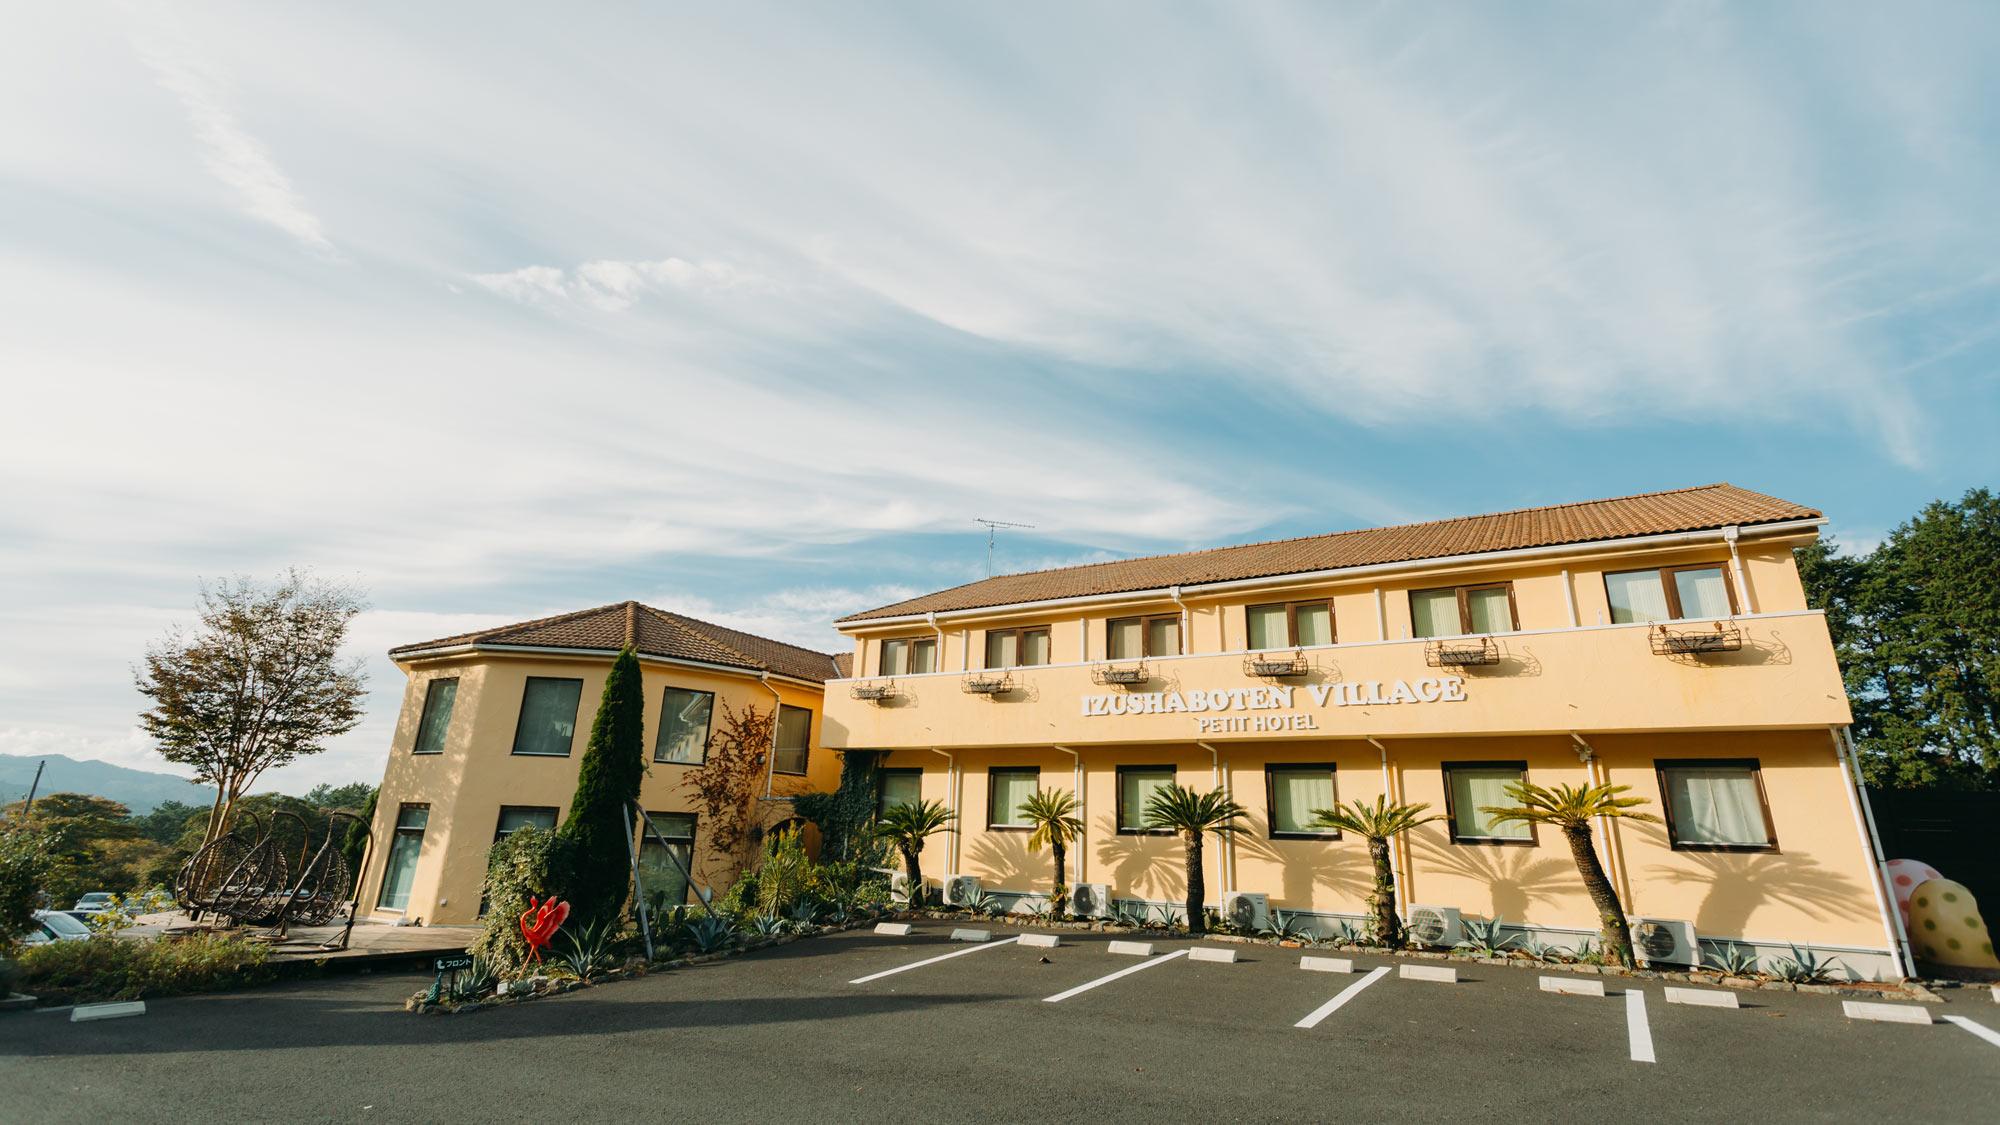 伊豆高原リゾートホテル こどもの城 M倶楽部(エムクラブ)